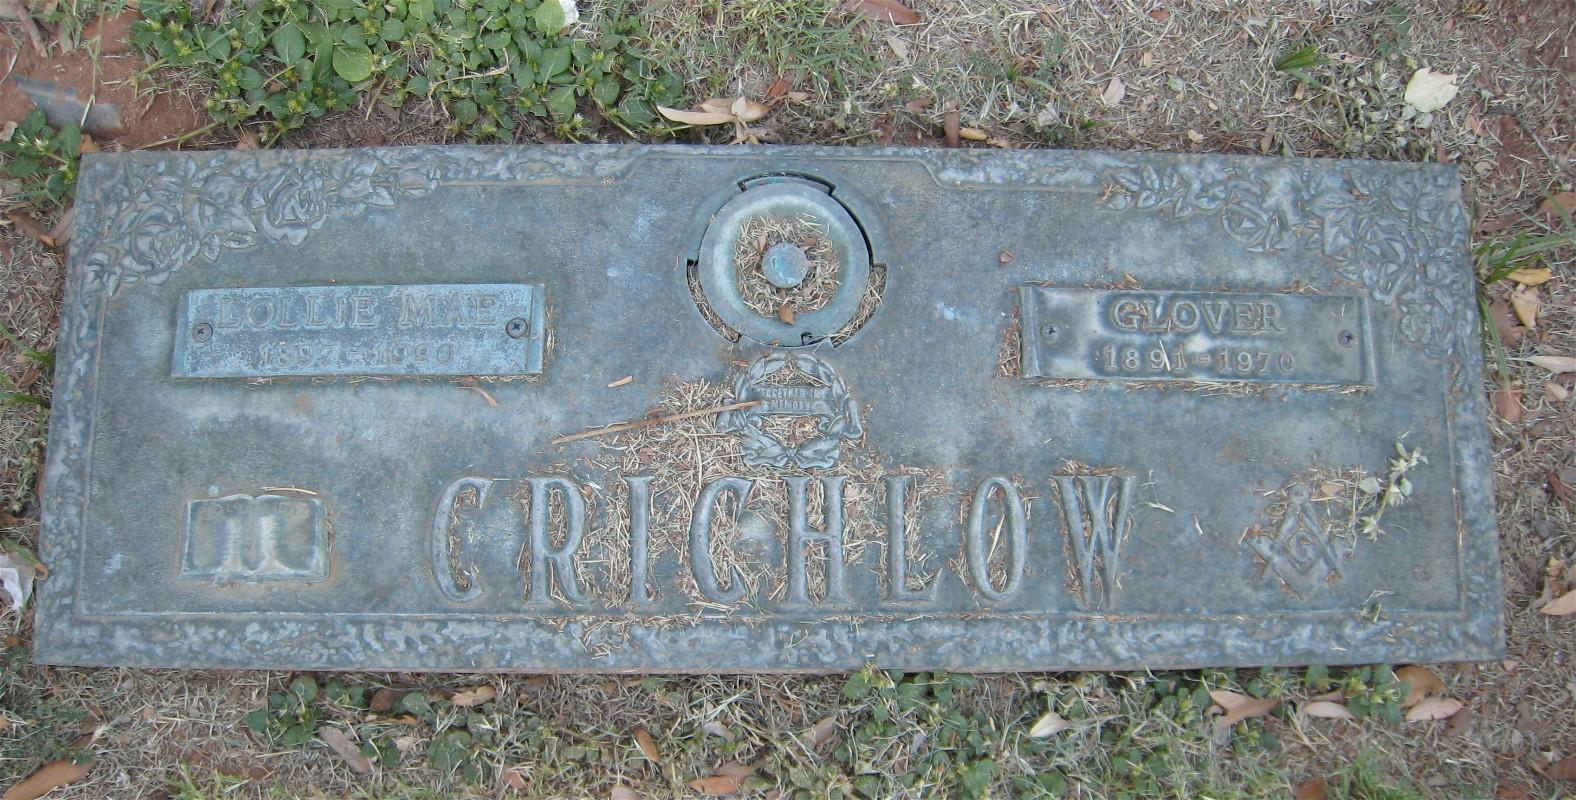 Glover Crichlow